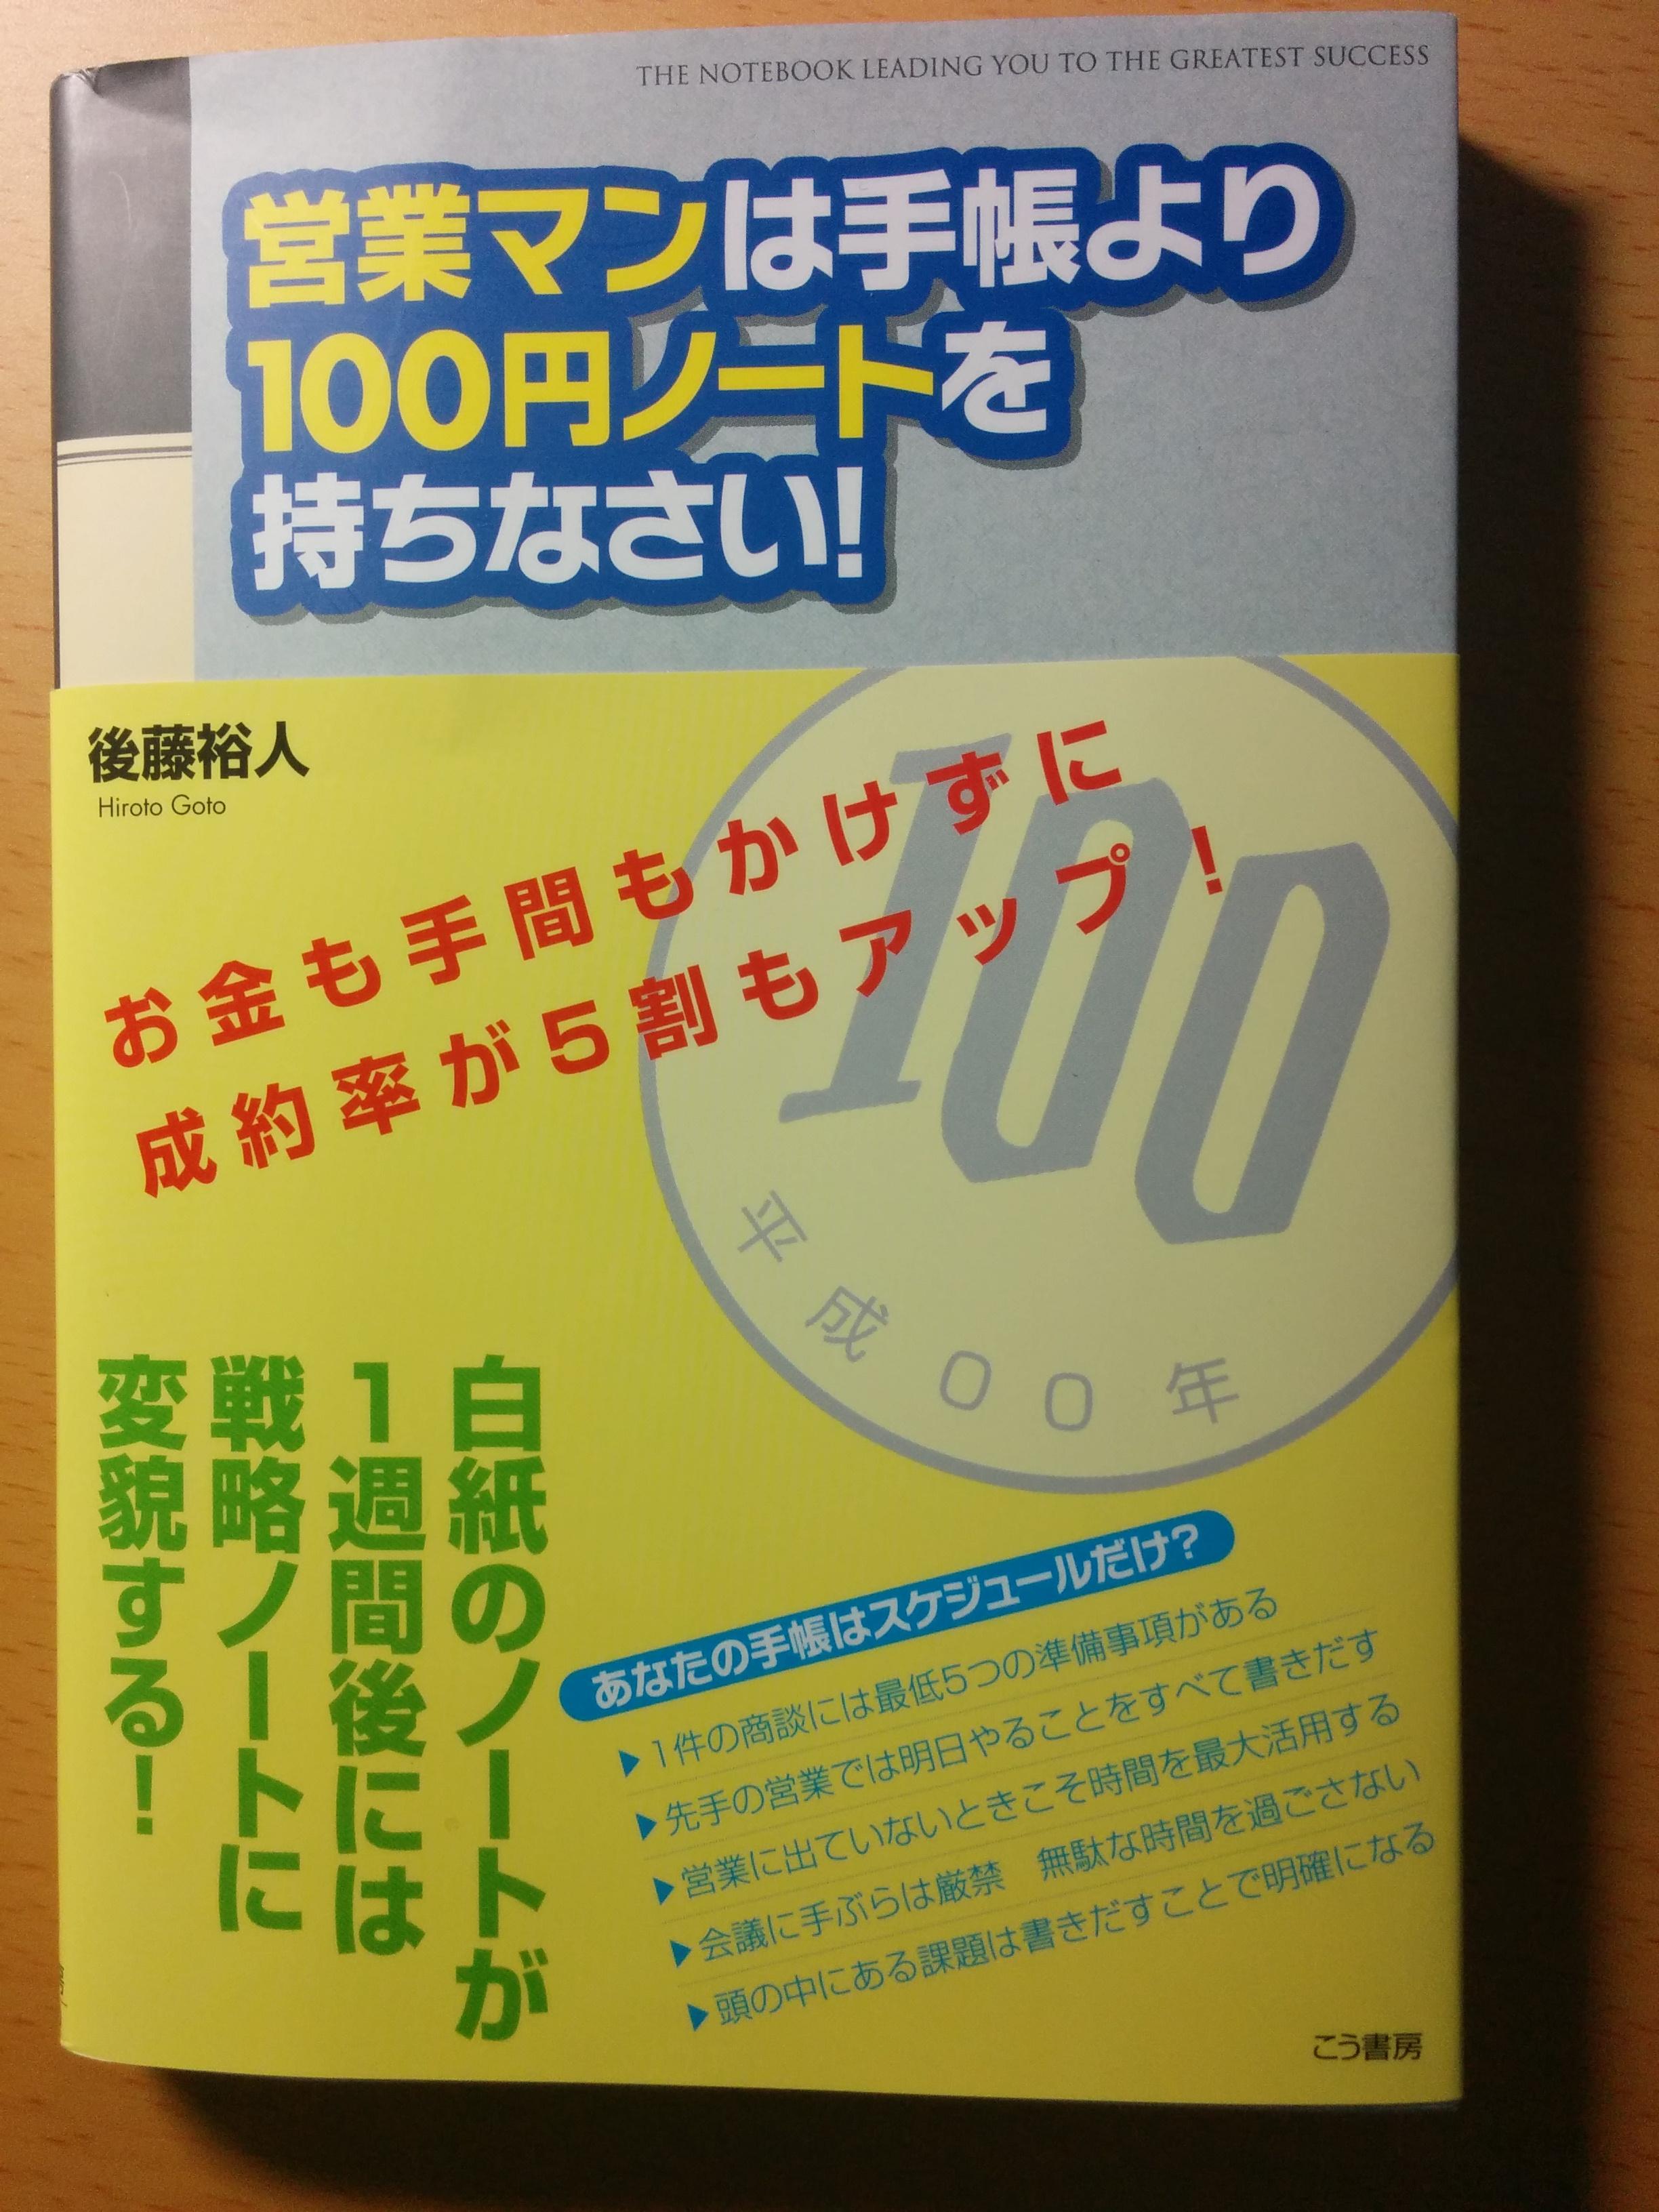 営業マンは手帳より100円ノートを持ちなさい!